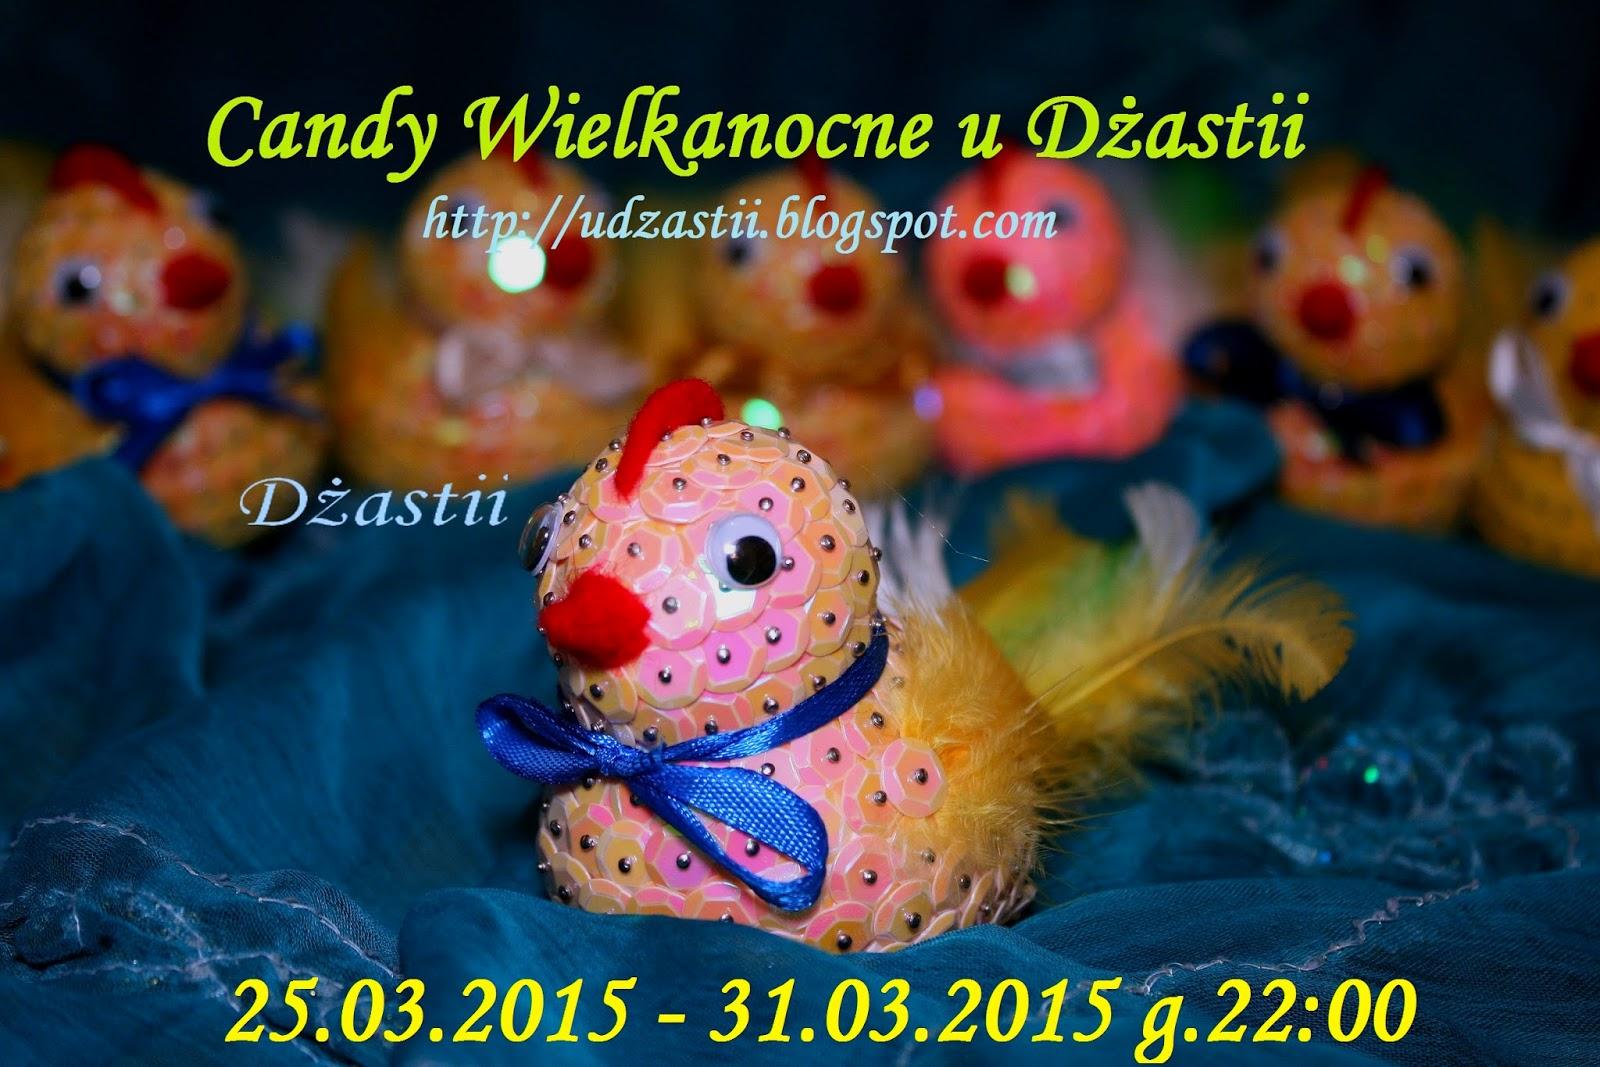 http://udzastii.blogspot.com/2015/03/moja-maa-armia-candy.html